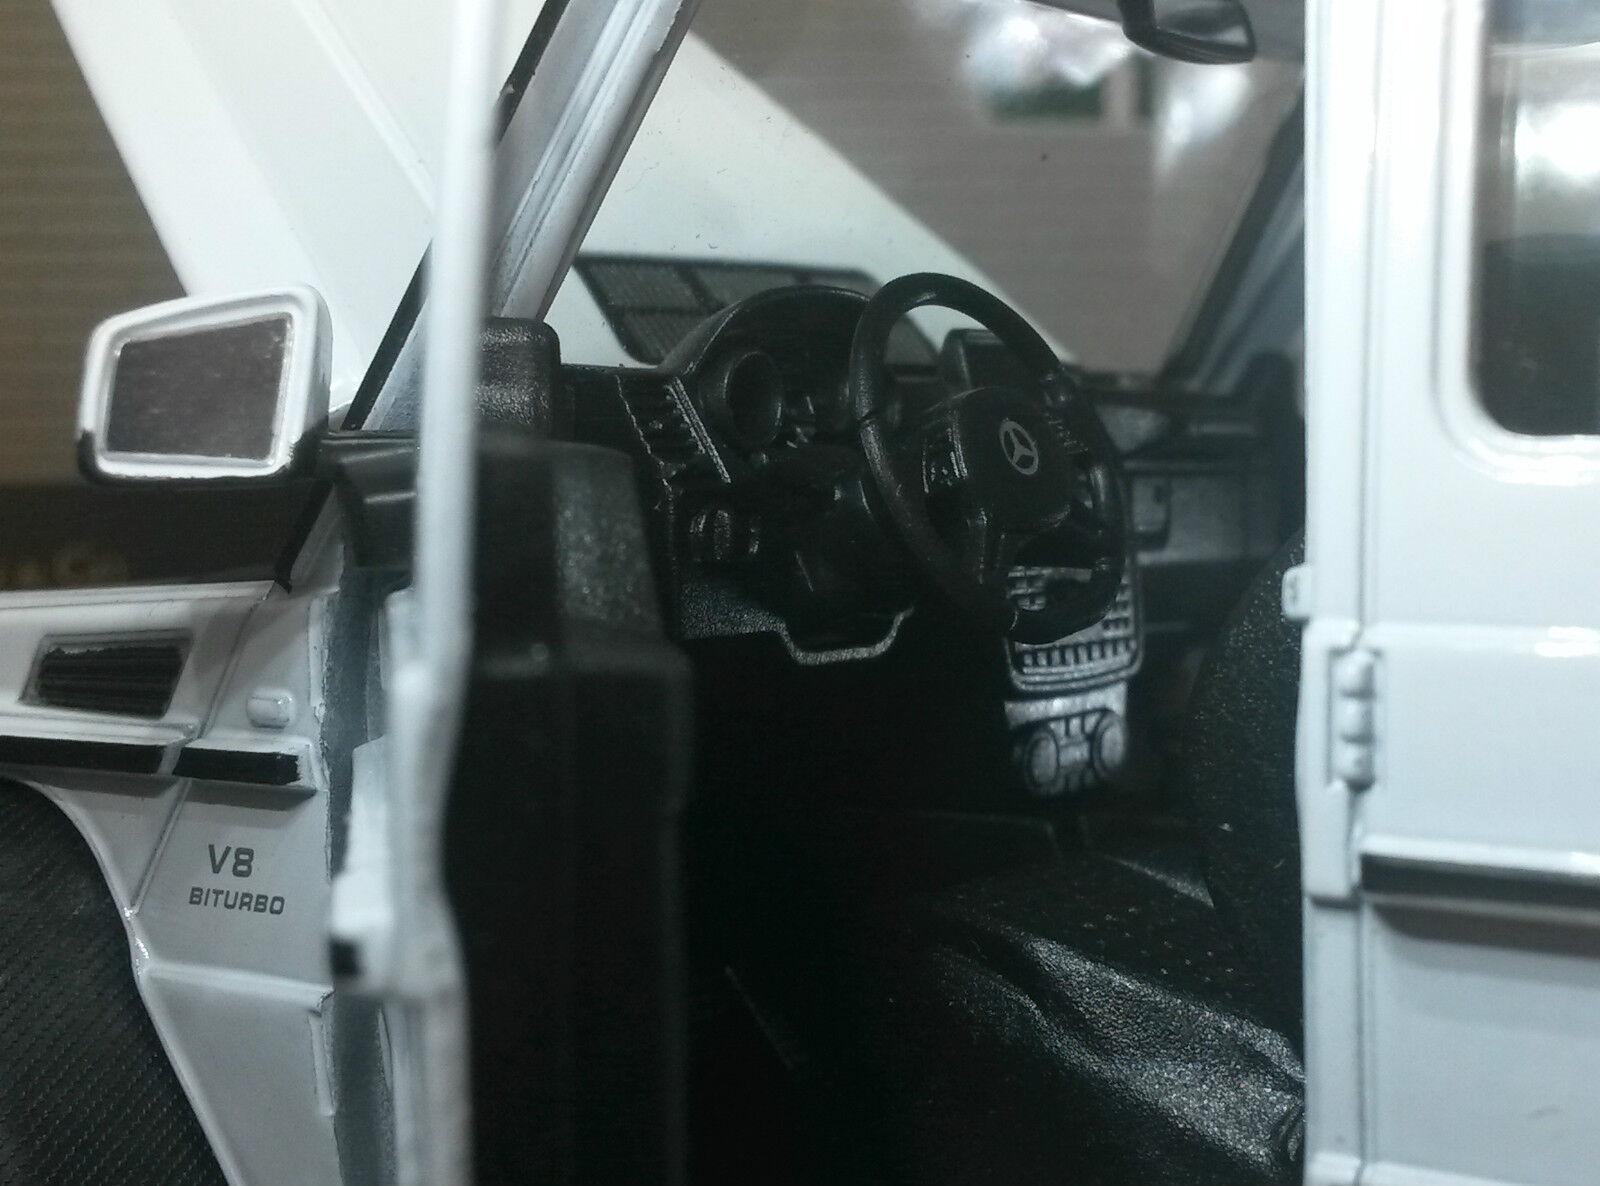 G LGB LGB LGB 1 24 Echelle Mercedes G Classe Wagon AMG G 63 6x6 Welly Modèle moulé 24061 050502